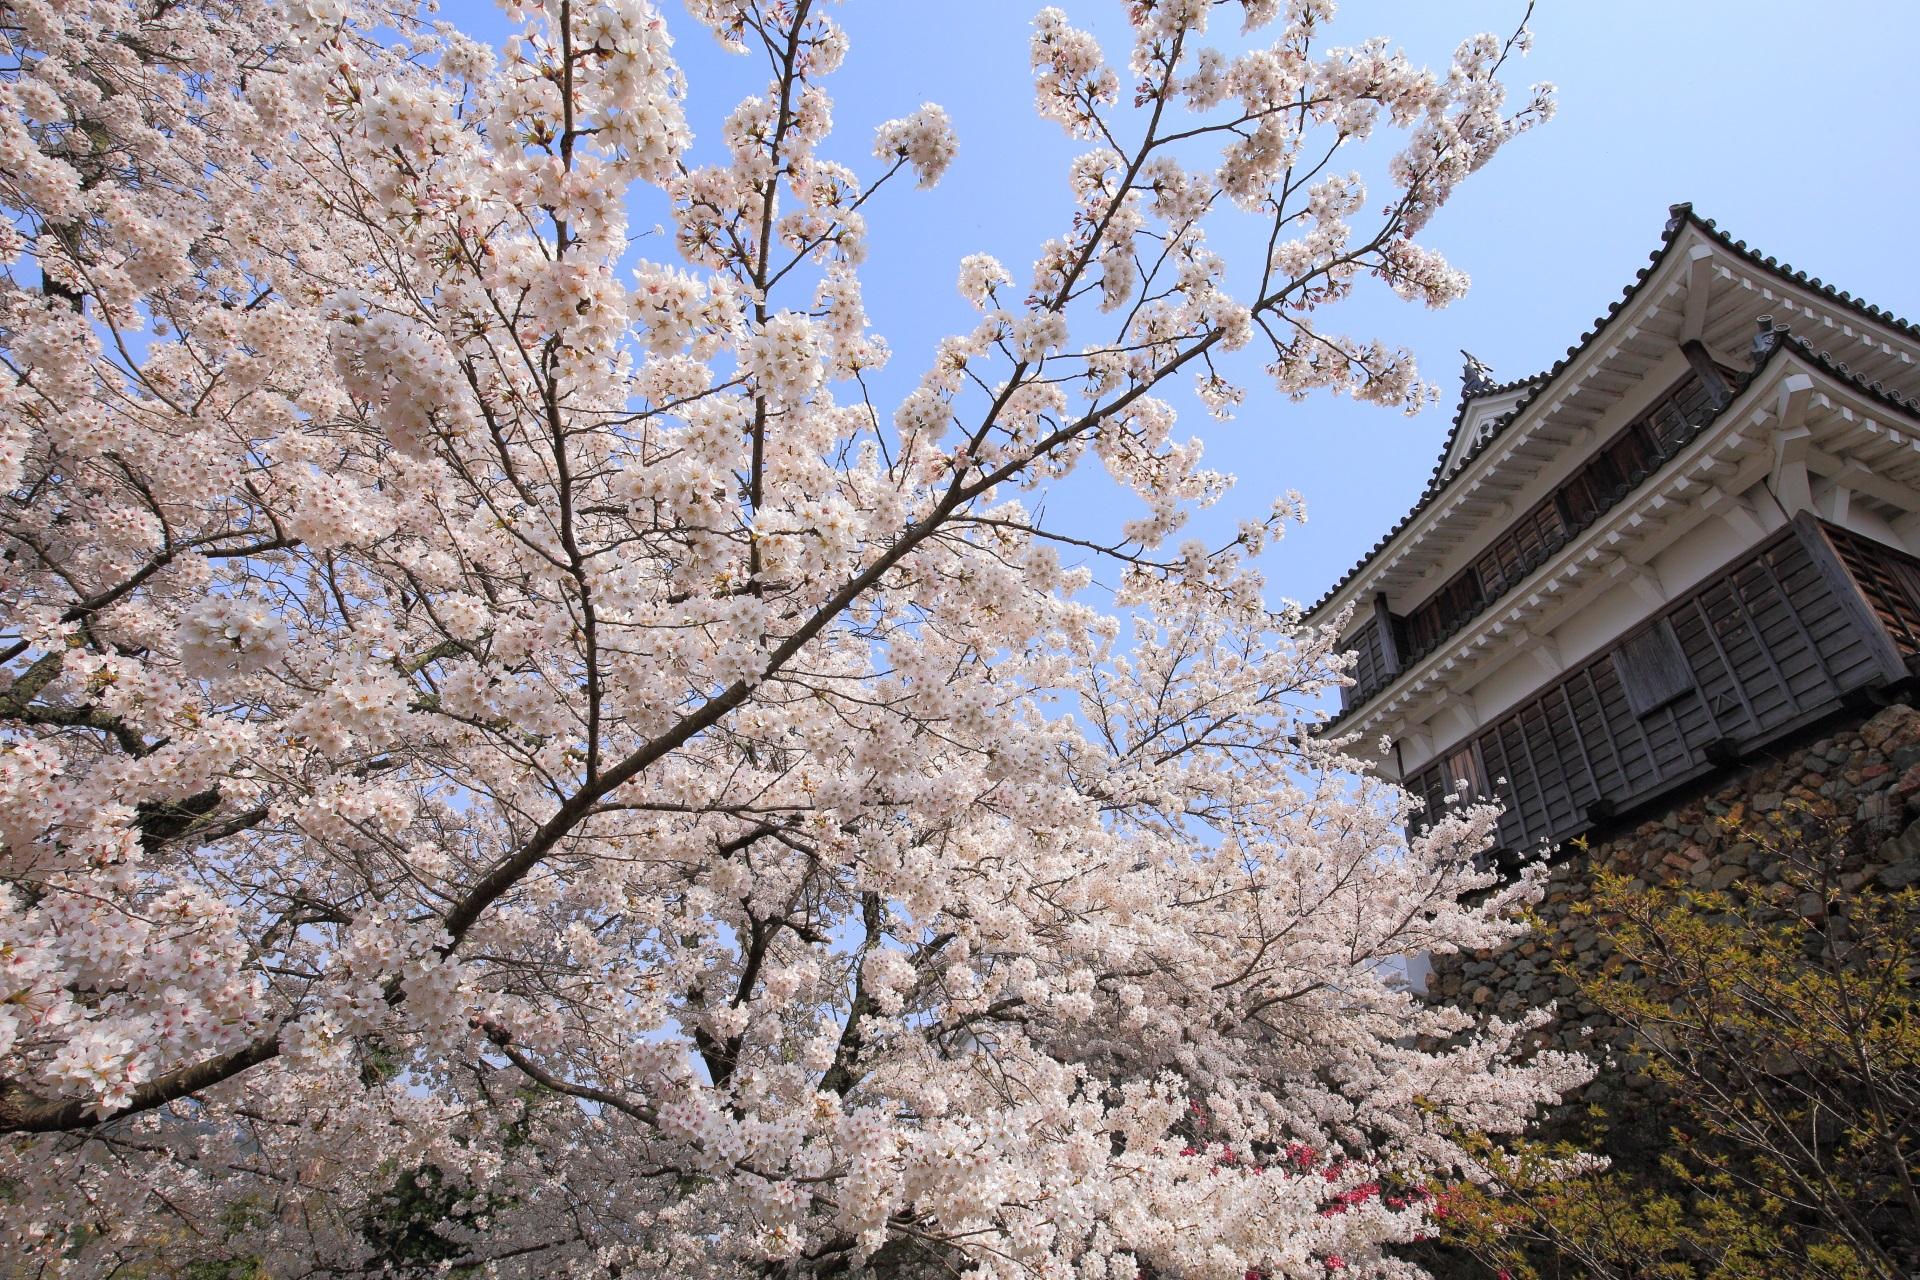 福知山城の天守と弾けんばかりの桜